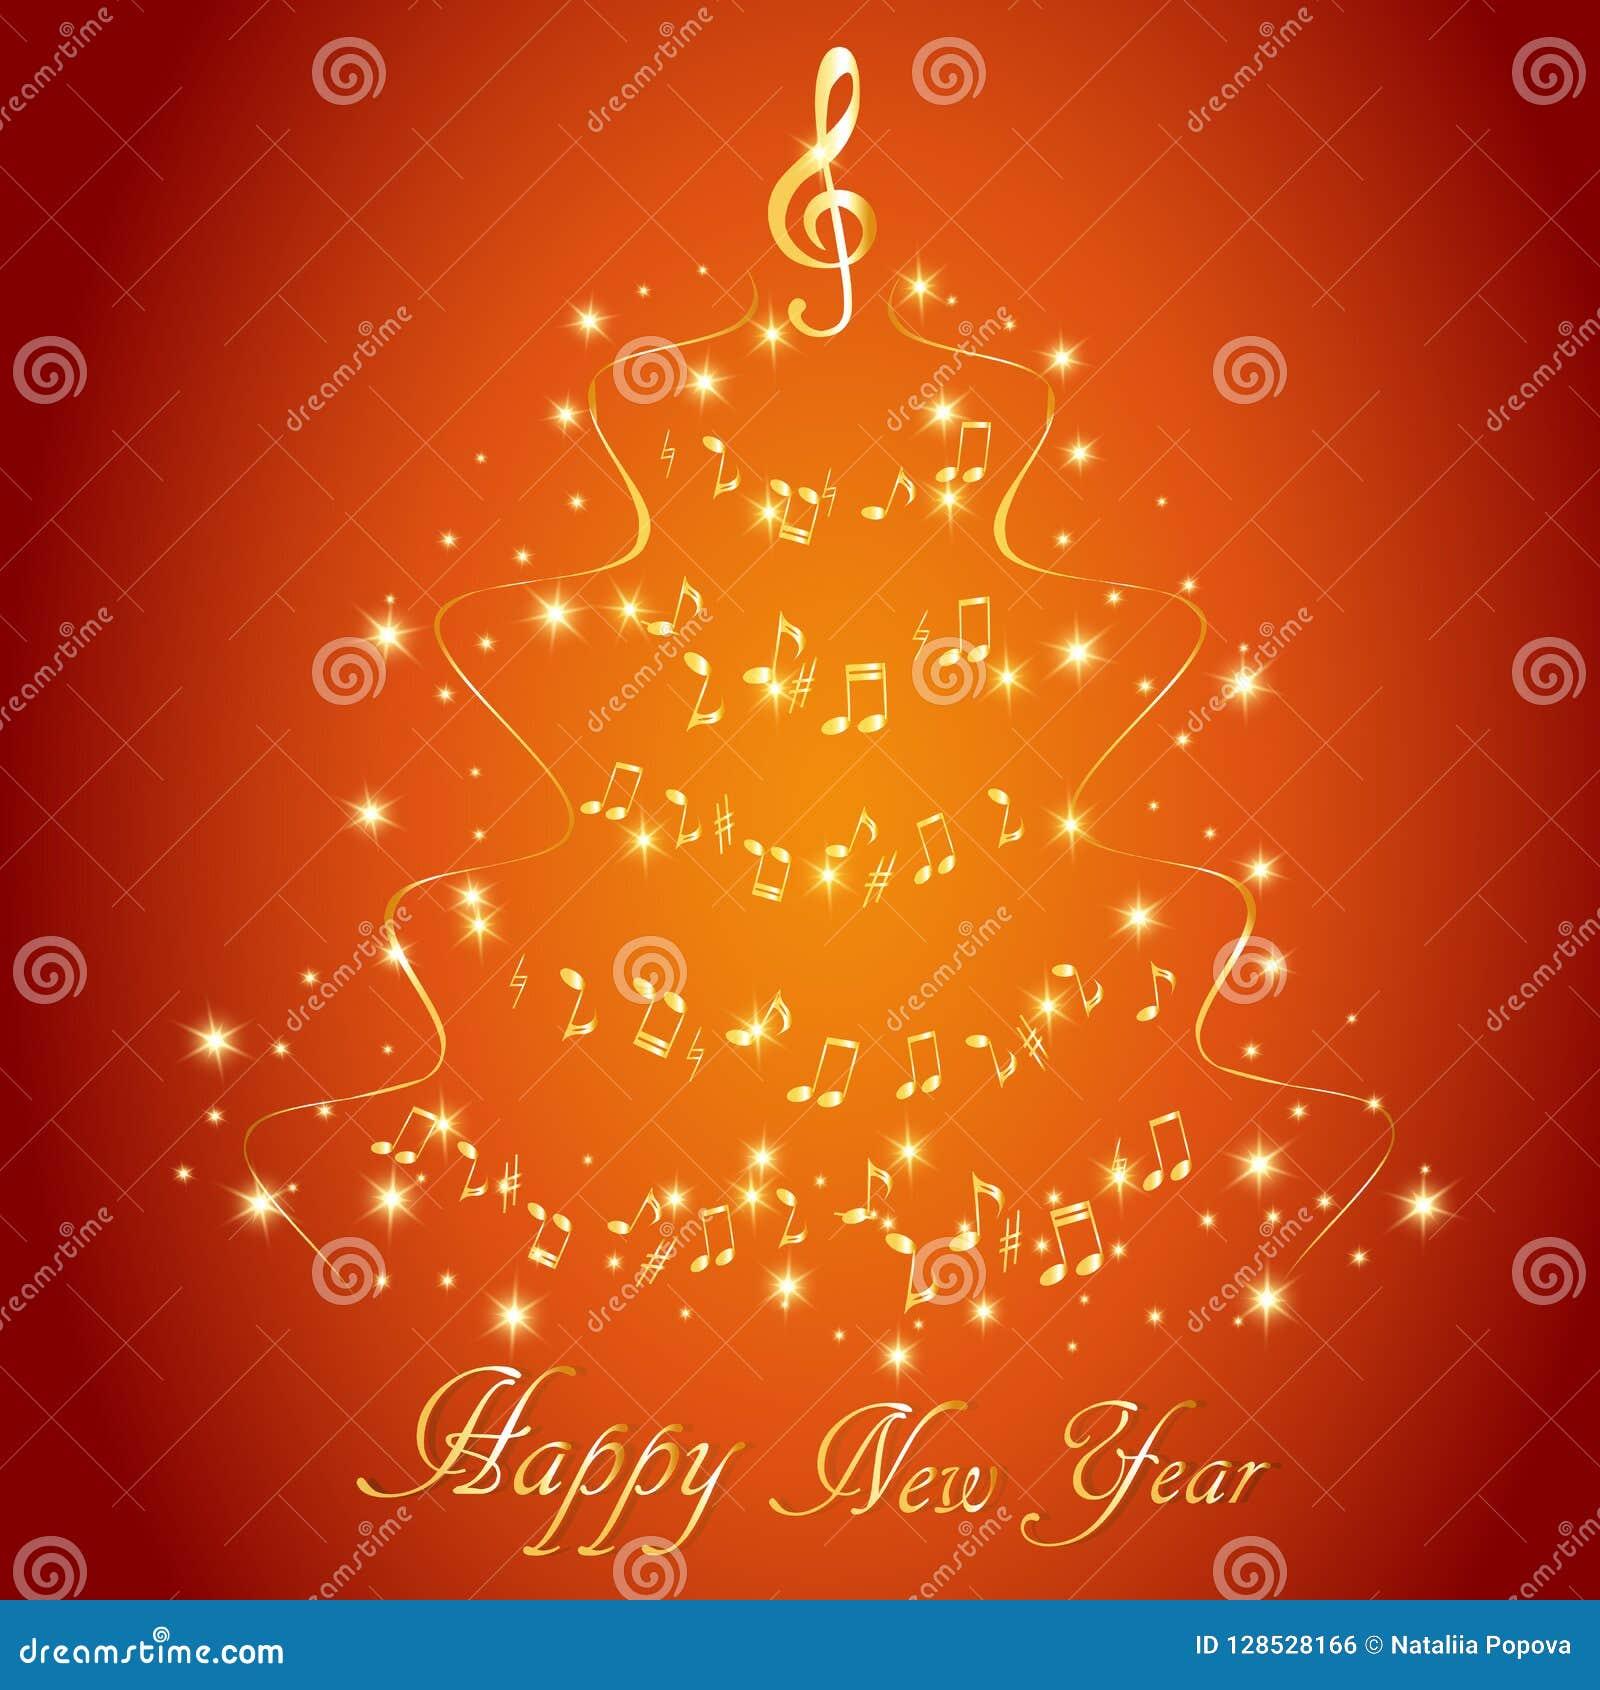 Tarjeta de felicitación con un árbol de navidad musical abstracto, con las notas y la clave de sol